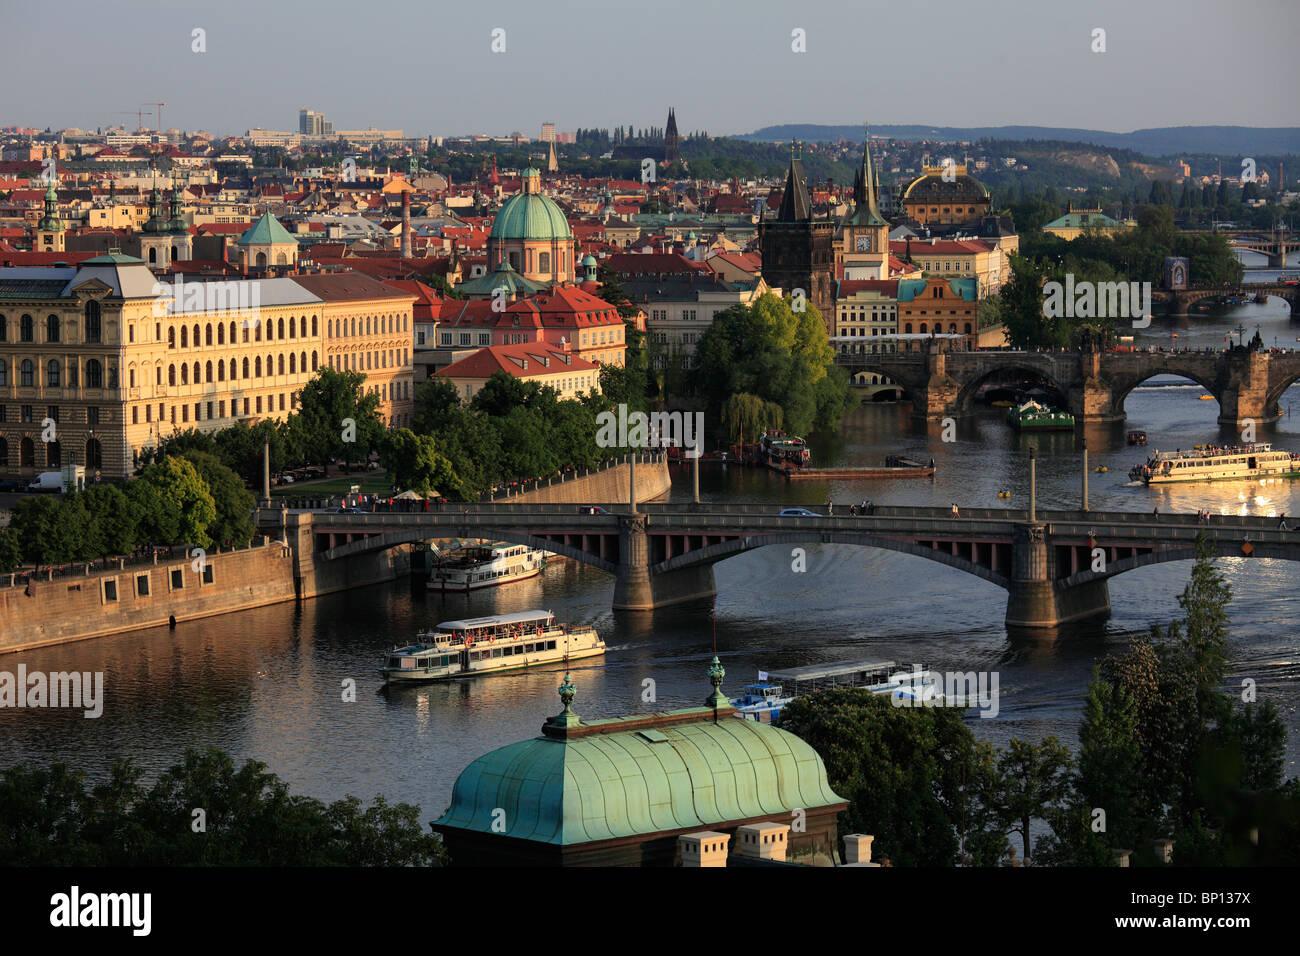 Tschechien, Prag, Skyline der Altstadt, Moldau Stockbild